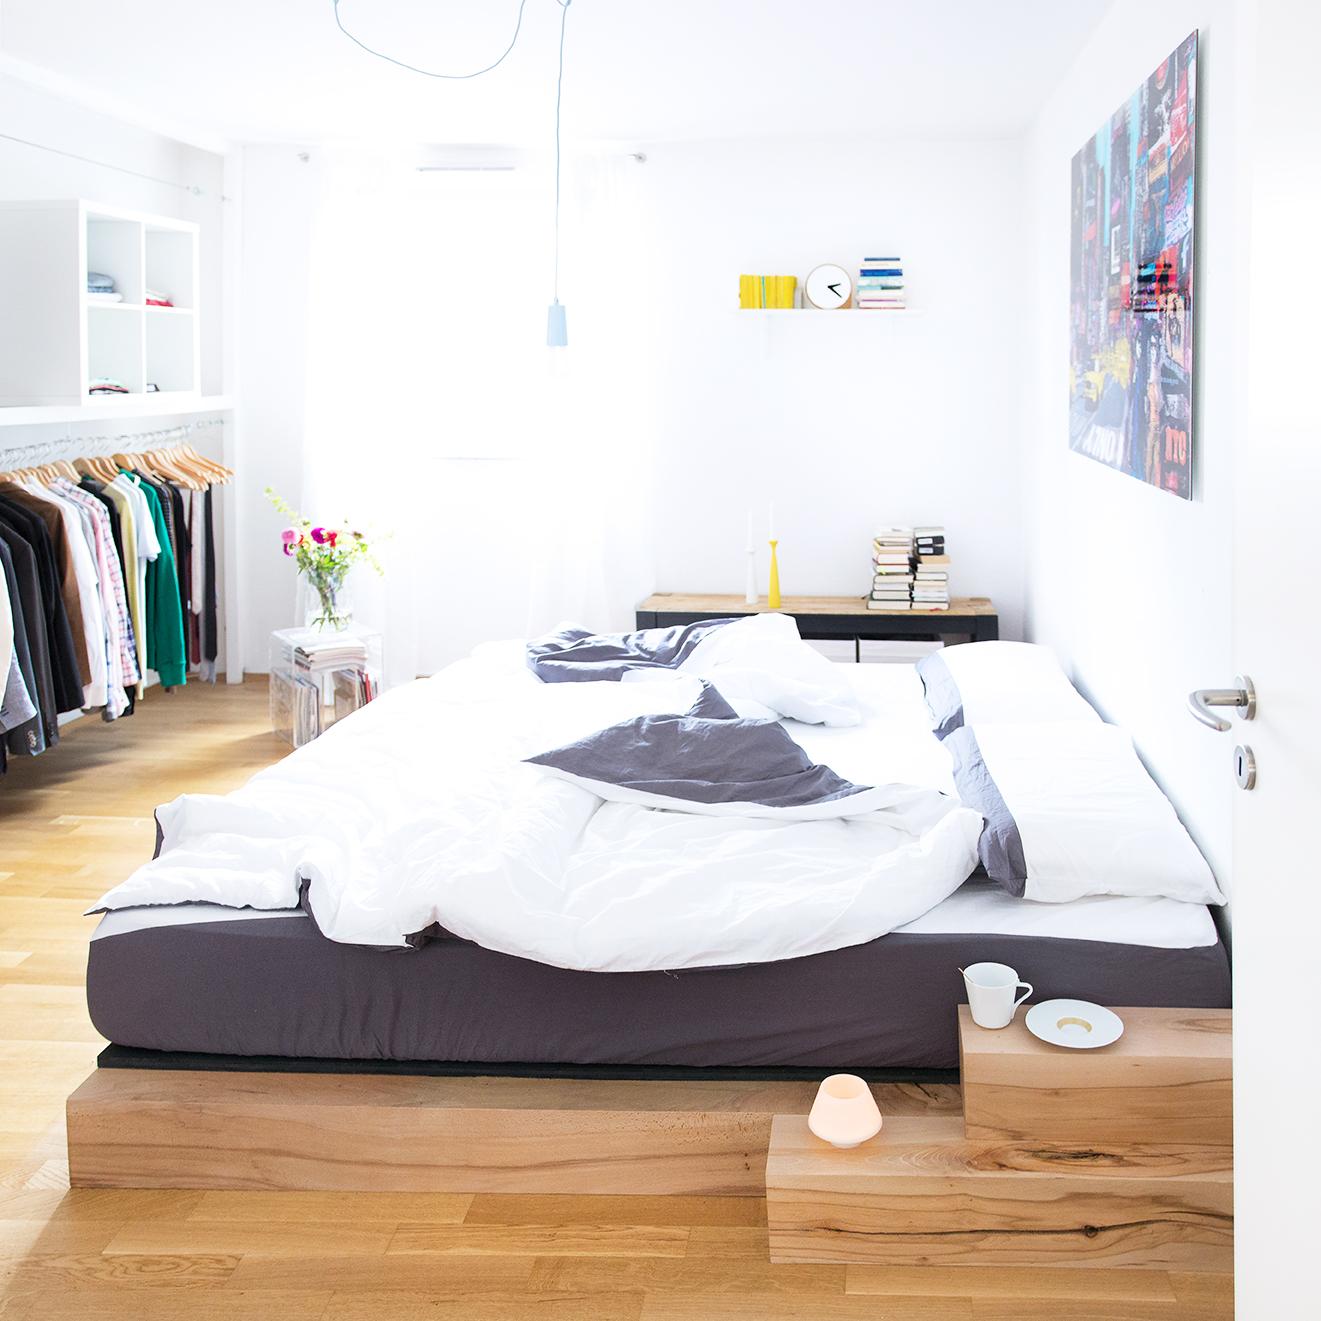 Relativ DIY Bett: Anleitung zum selber bauen eines Massiv-Holz-Bettes GW99